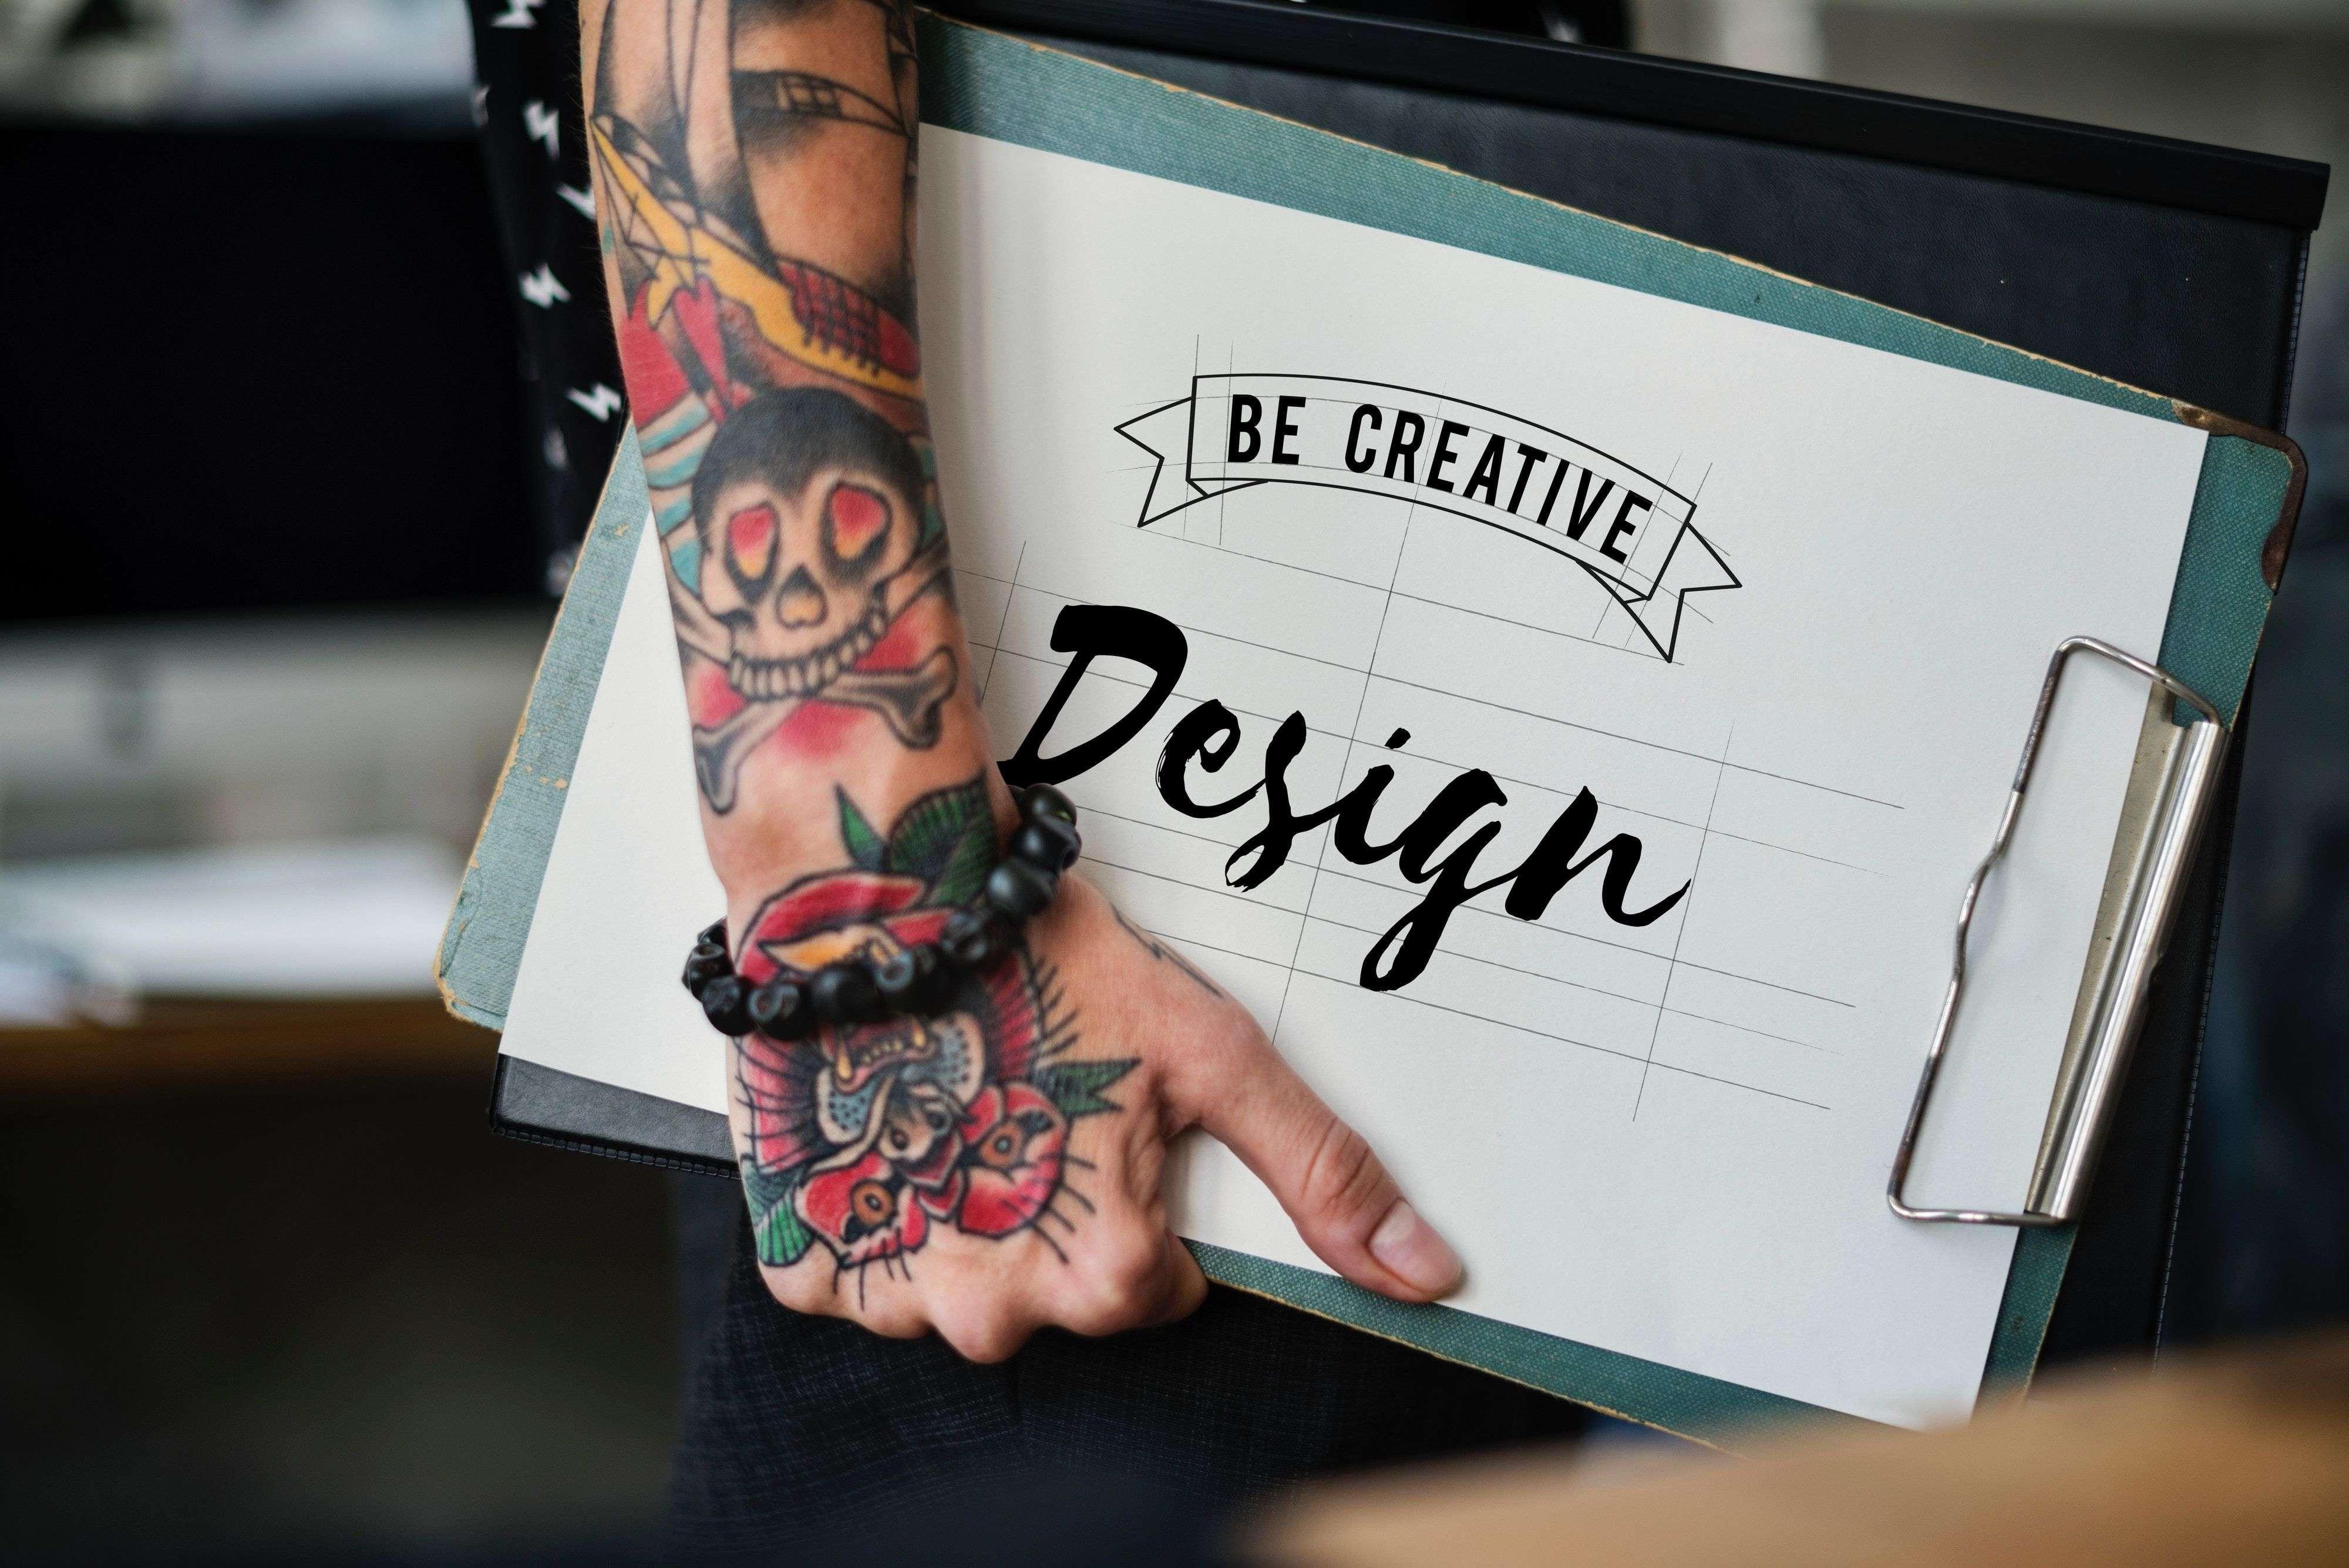 Os 5 conteúdos visuais mais populares em Design Gráfico